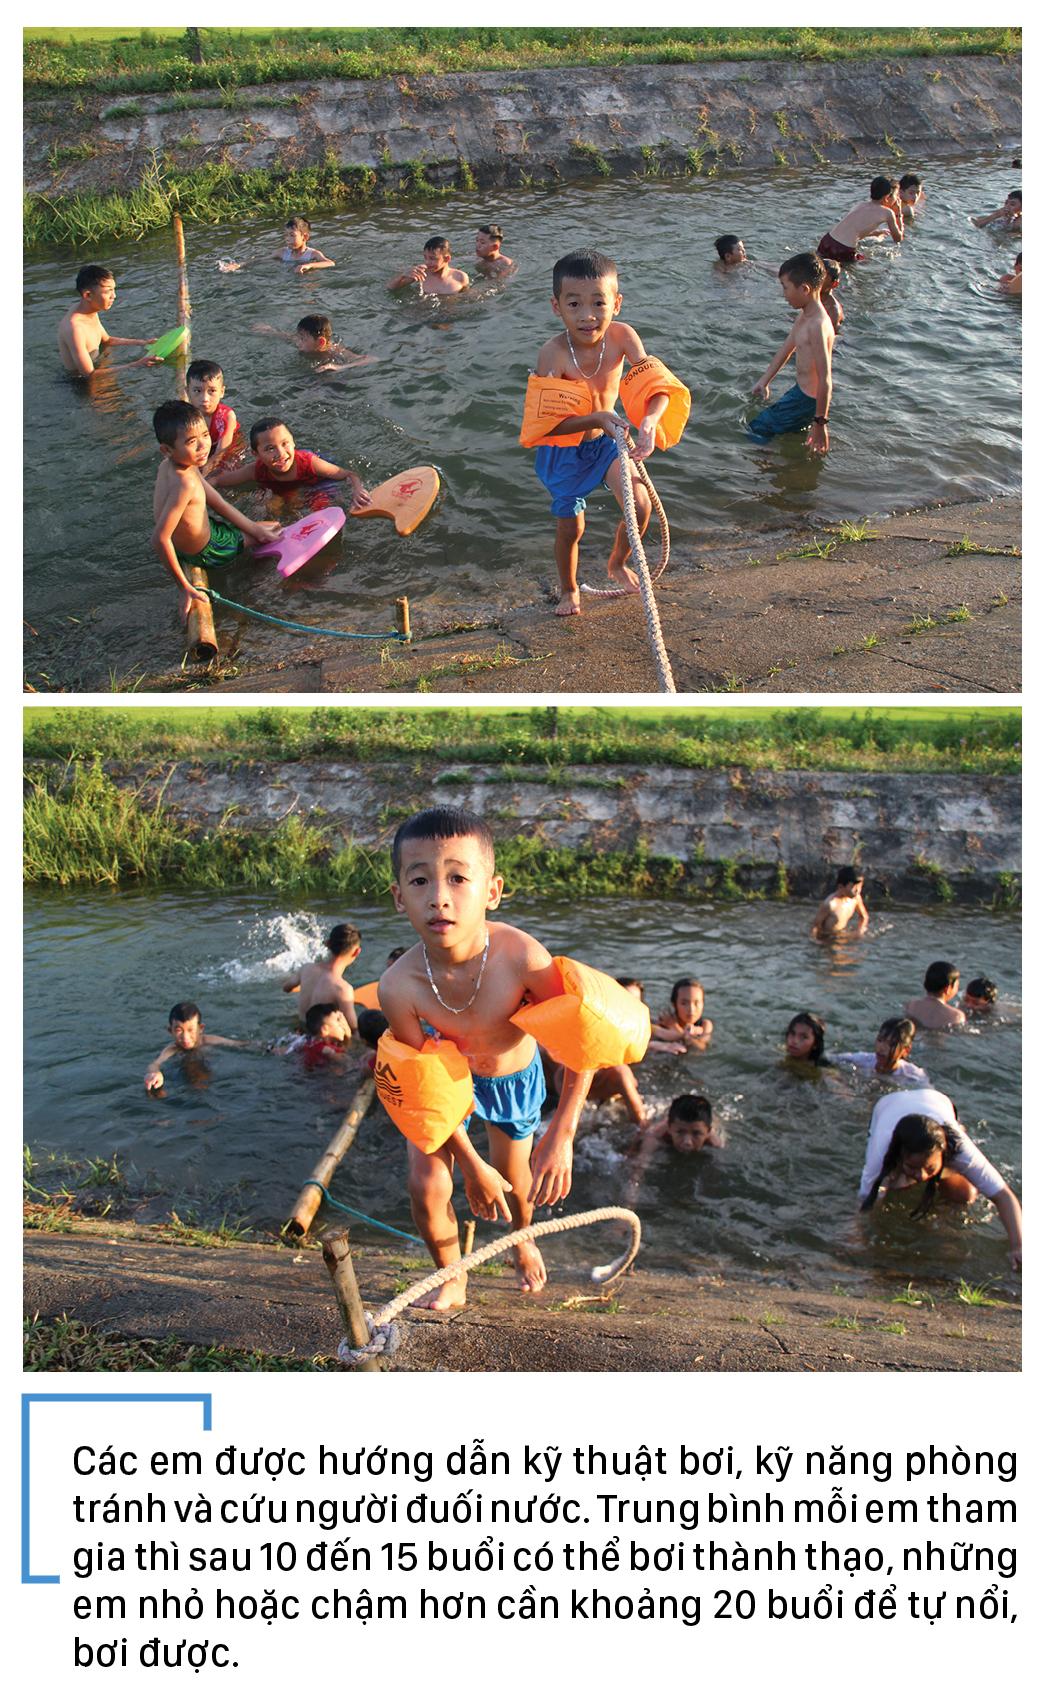 Thầy giáo 'nắn' dòng kênh thủy lợi mở lớp dạy bơi miễn phí ảnh 12